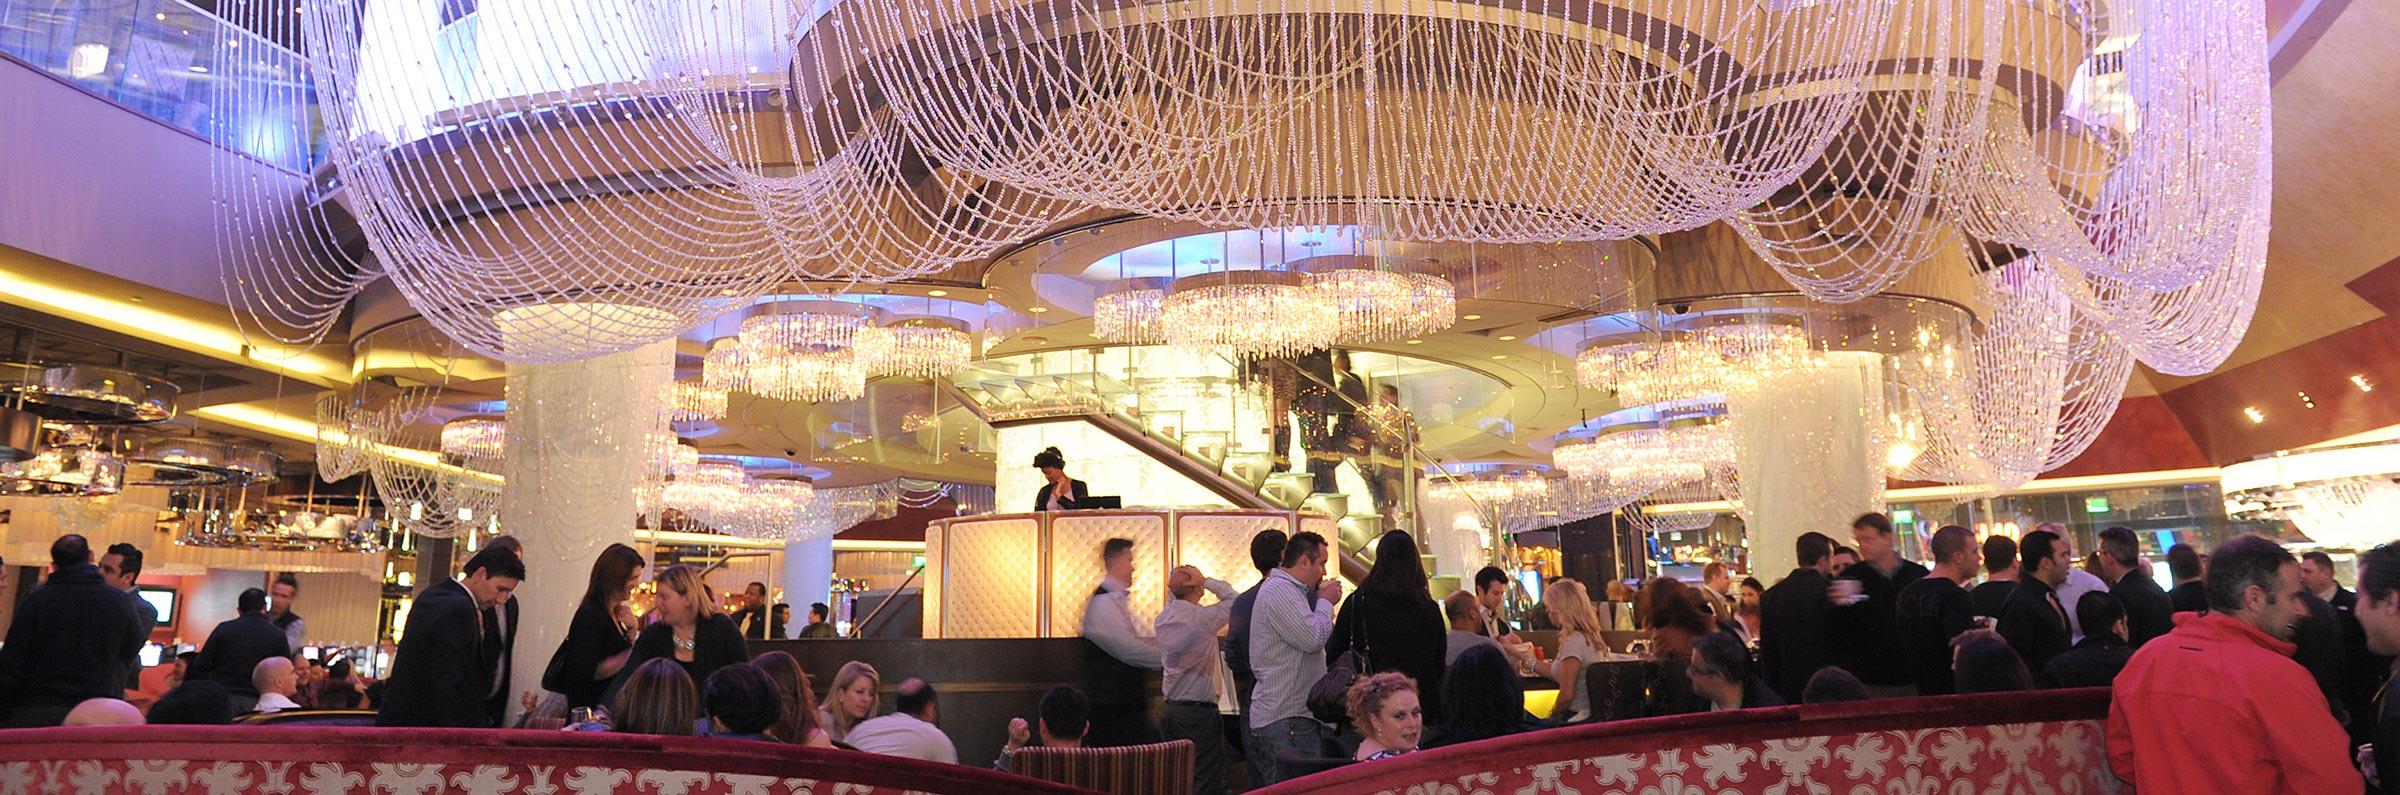 Comidas y bebidas in Las Vegas